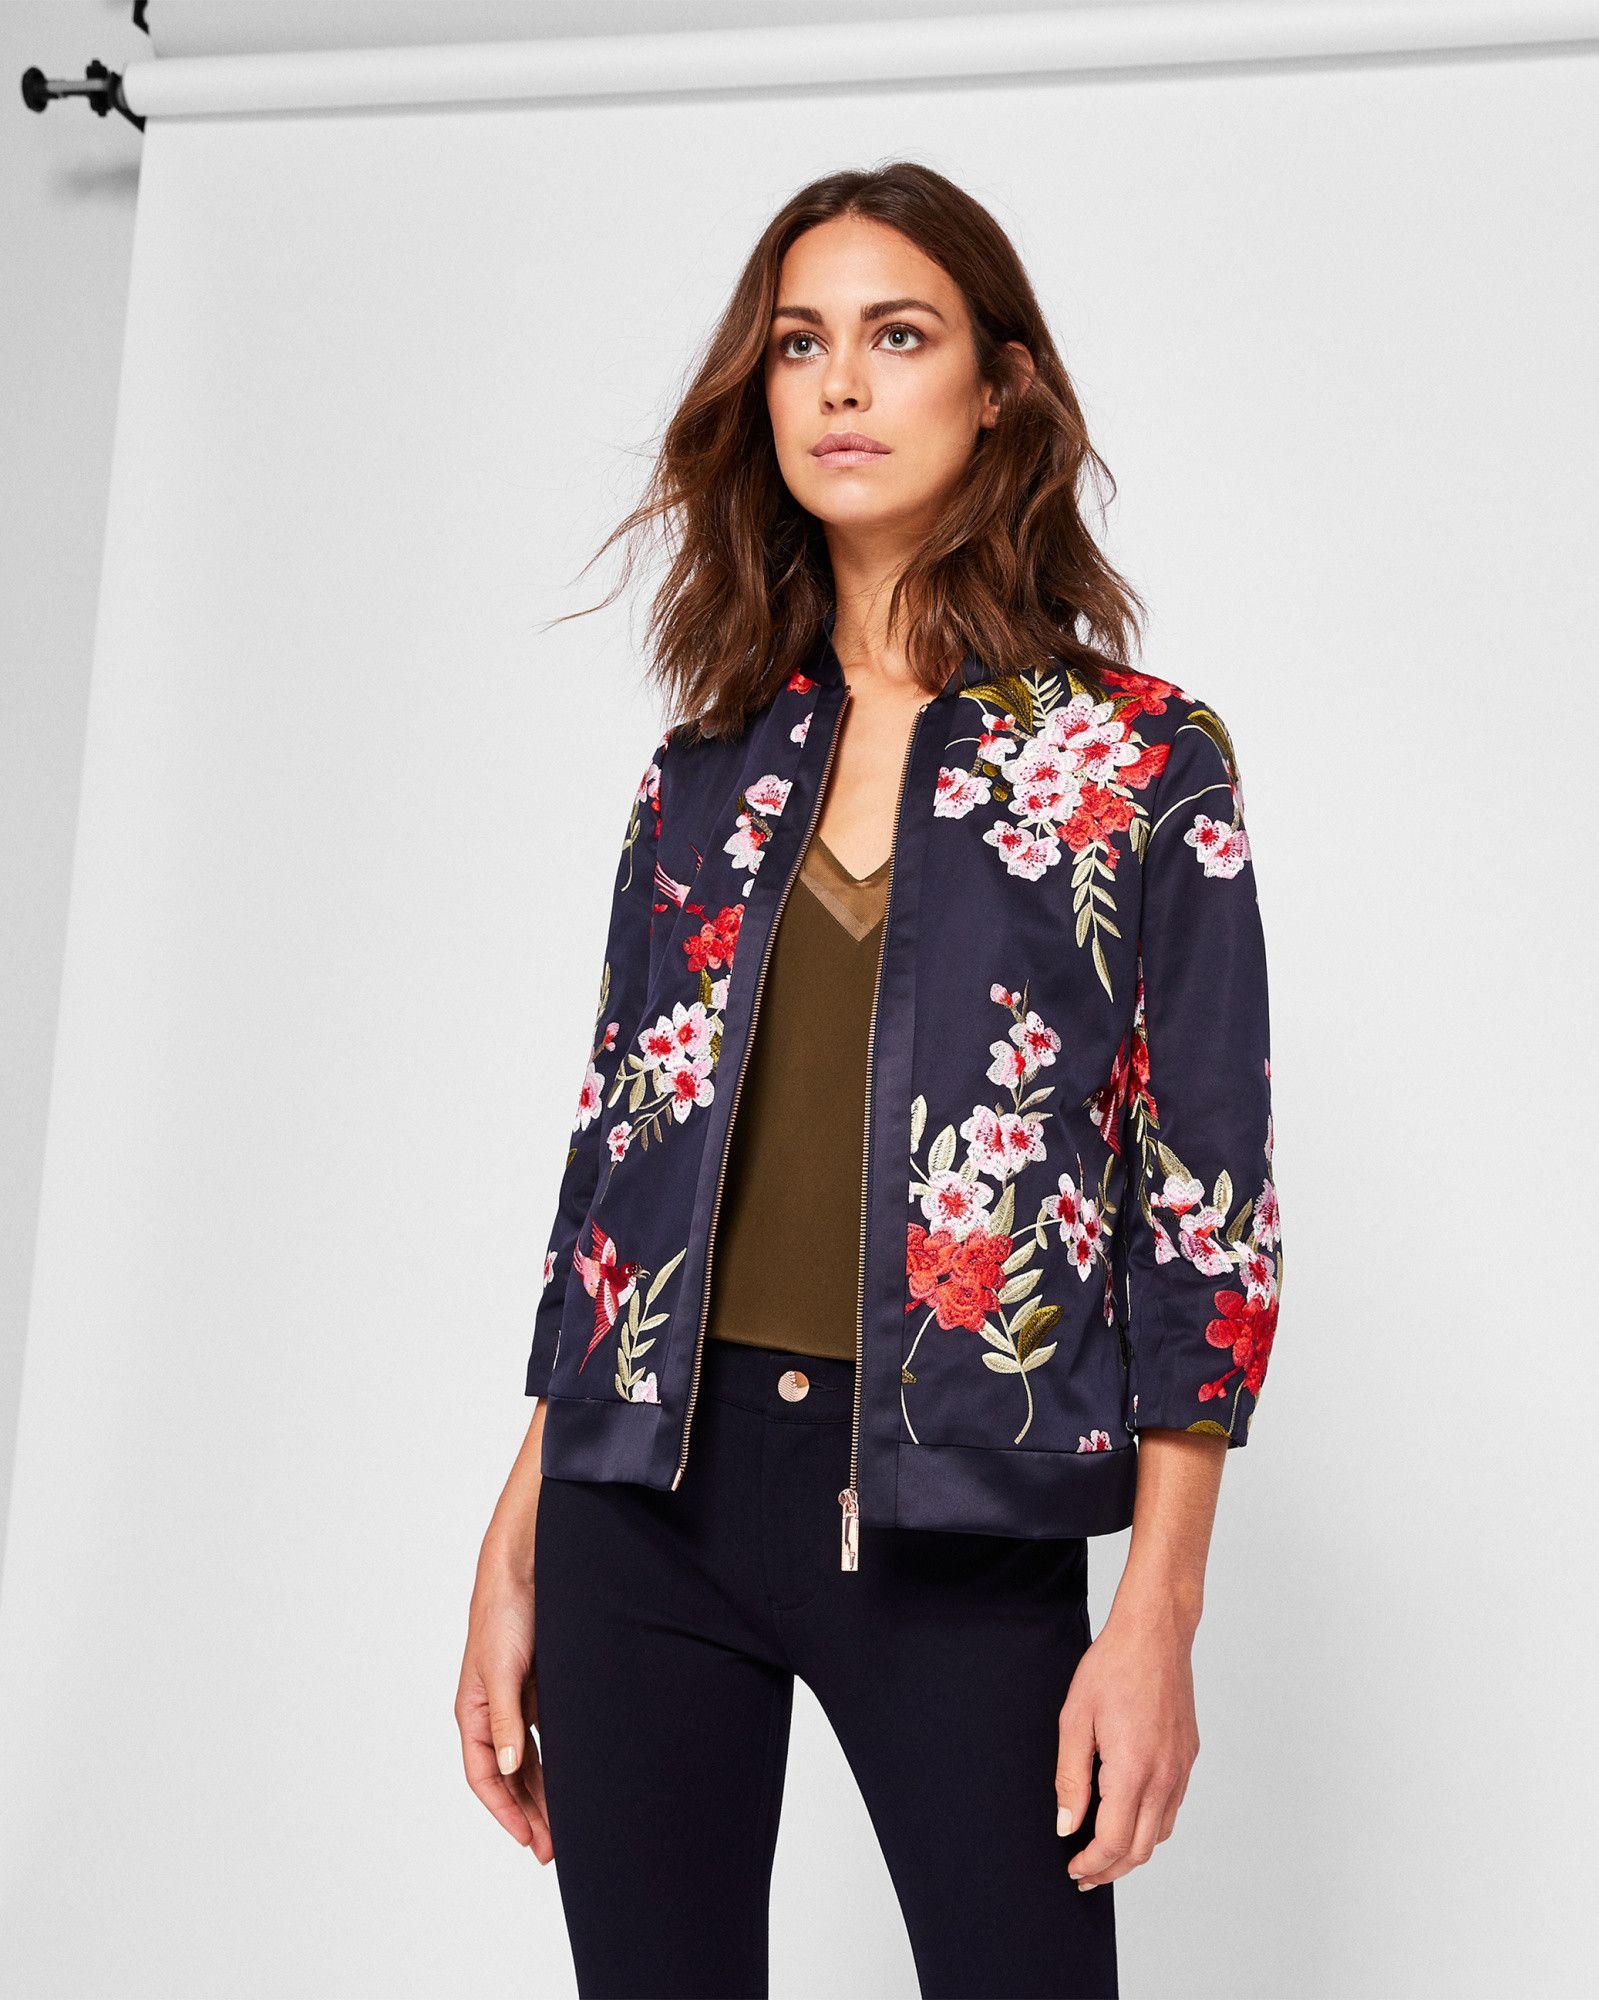 Hemma Bird And Blossom Bomber Jacket Tedtotoe Jacket Outfit Women Bomber Jacket Women Bomber Outfit [ 2000 x 1599 Pixel ]